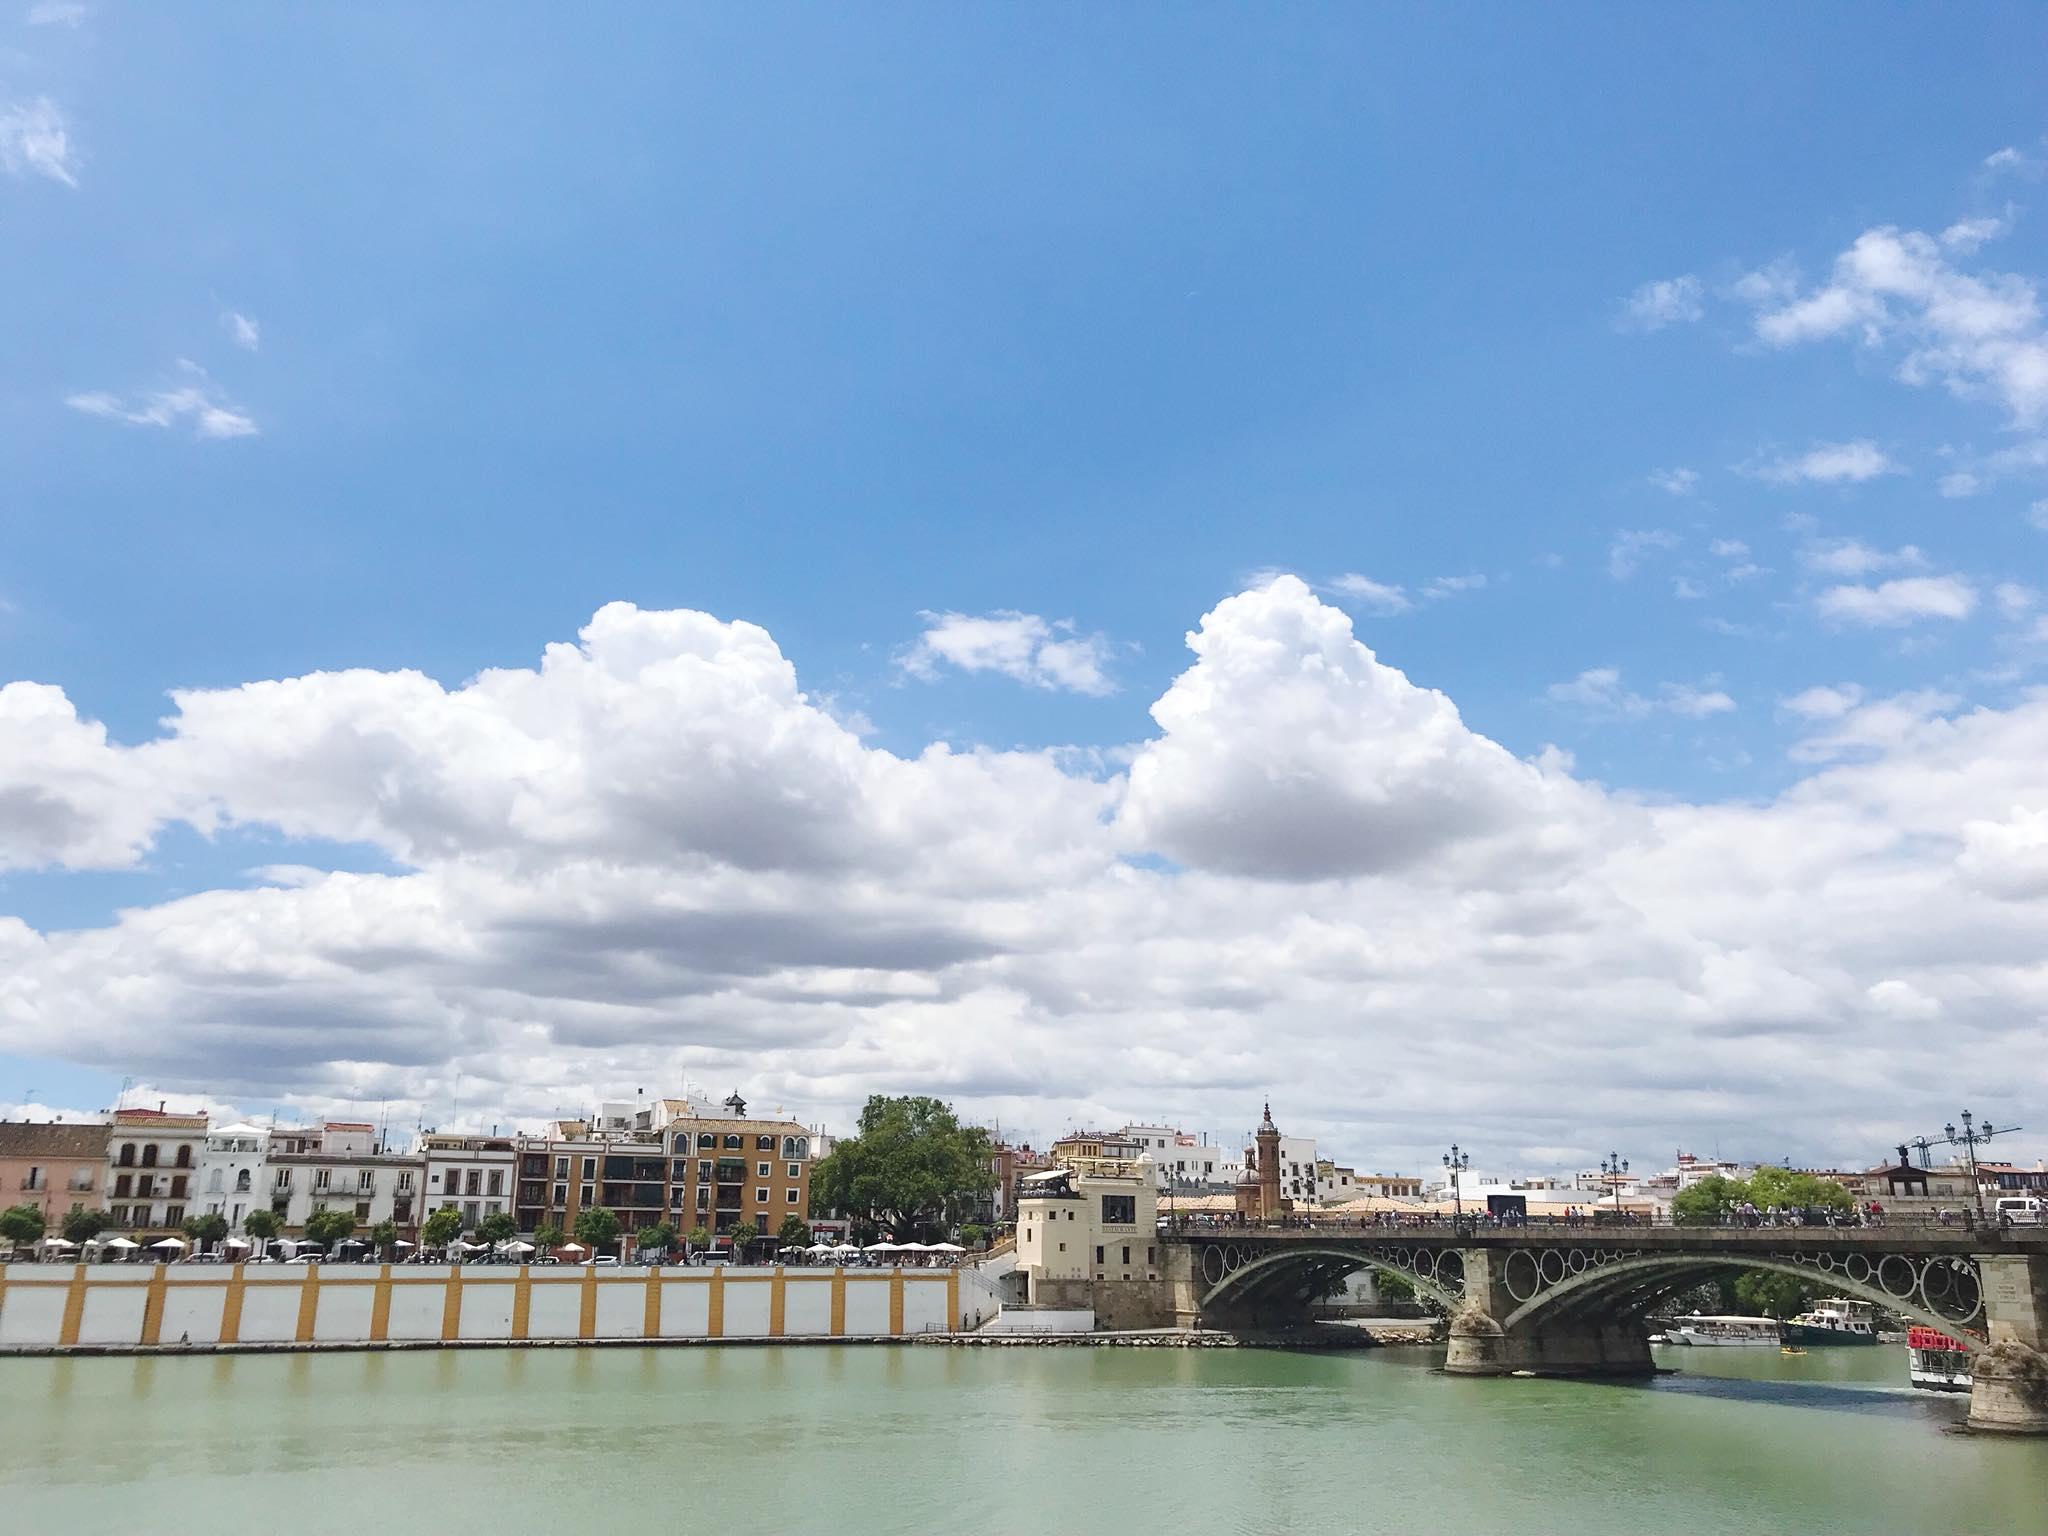 Seville riverside